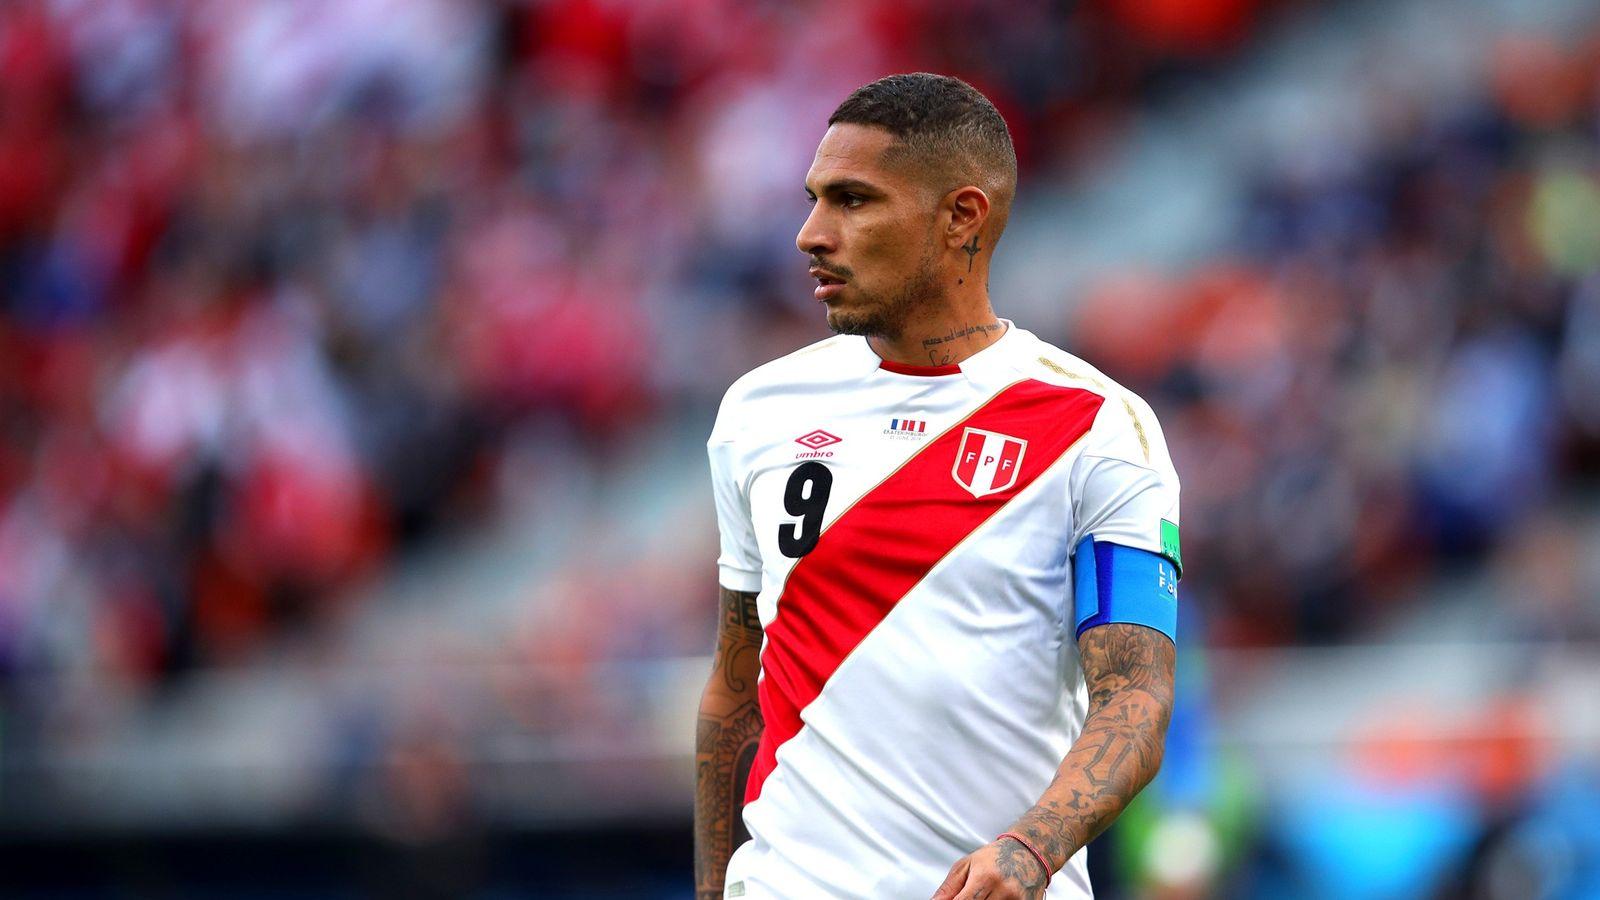 Paolo Guerrero em ação na Copa do Mundo 2018, quando o Peru enfrentou a França, em ...